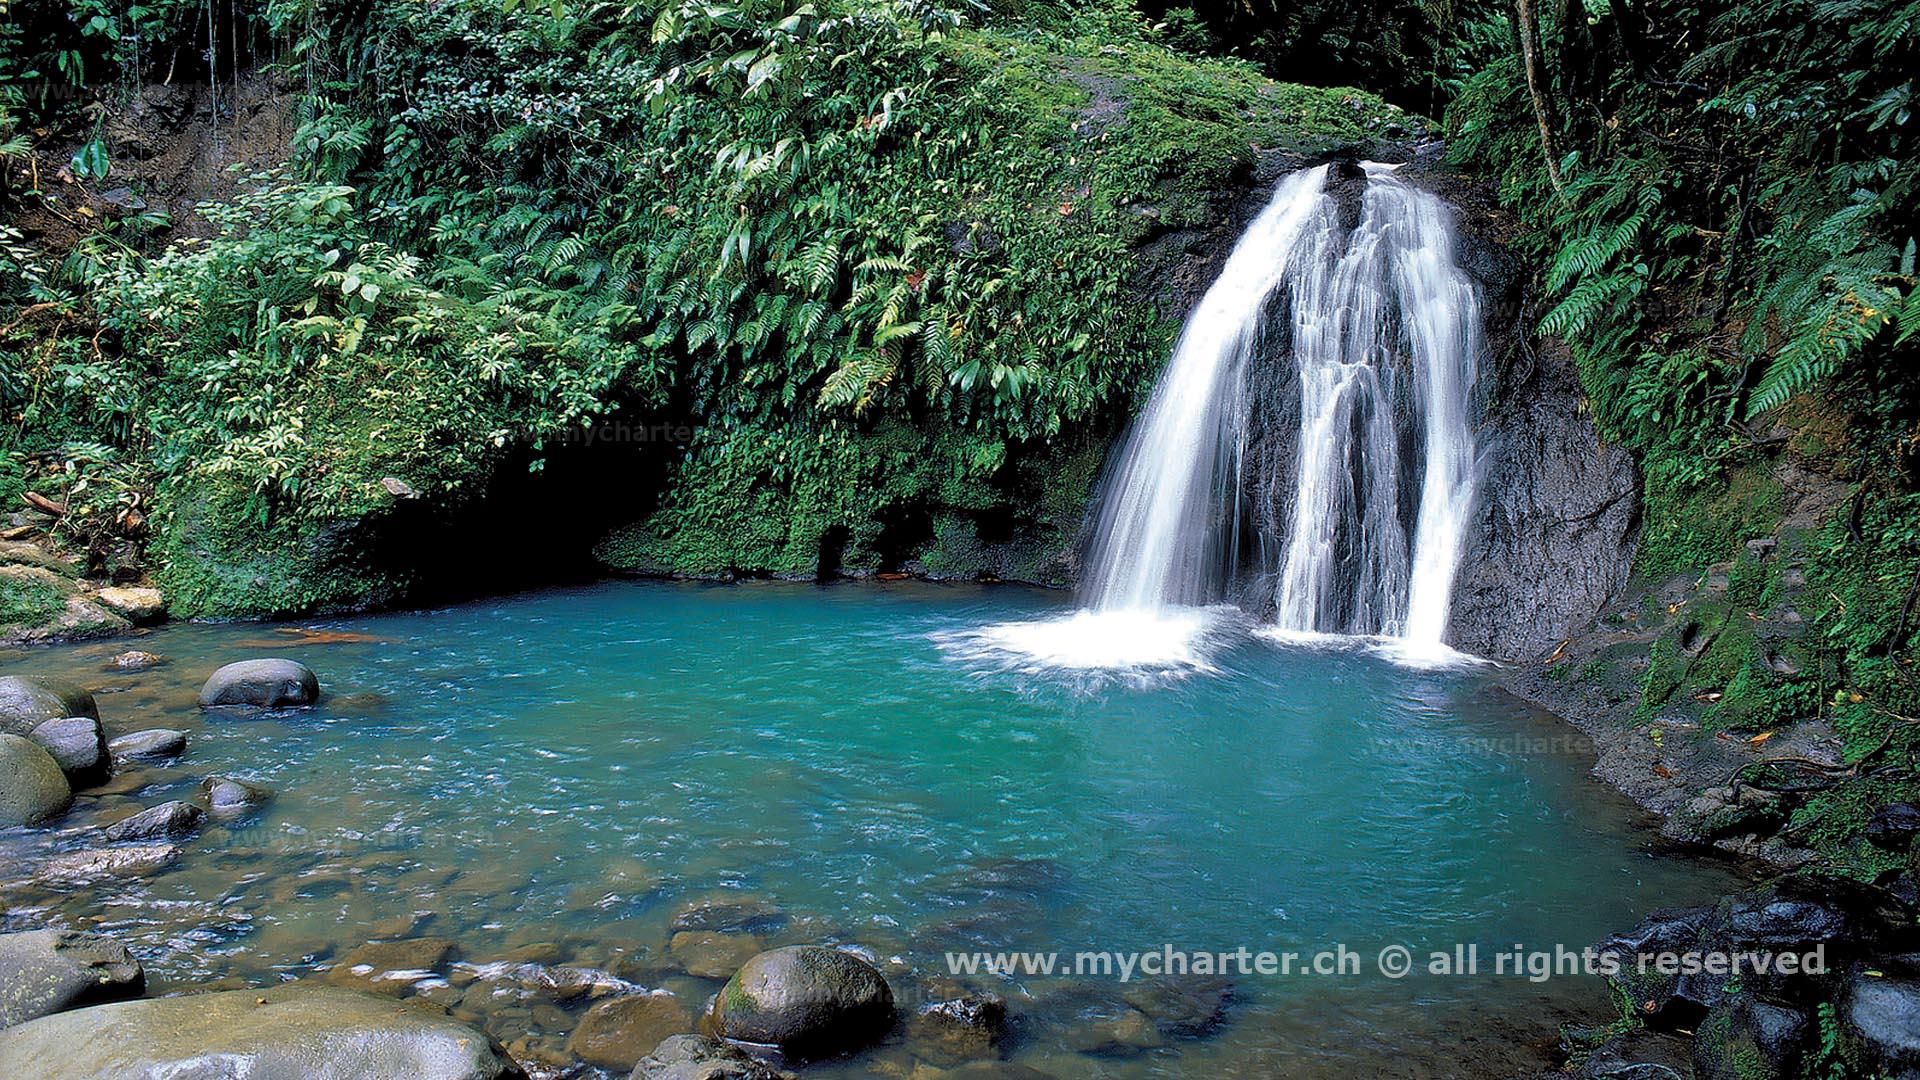 Guadeloupe - Casacdes aux écrevisses